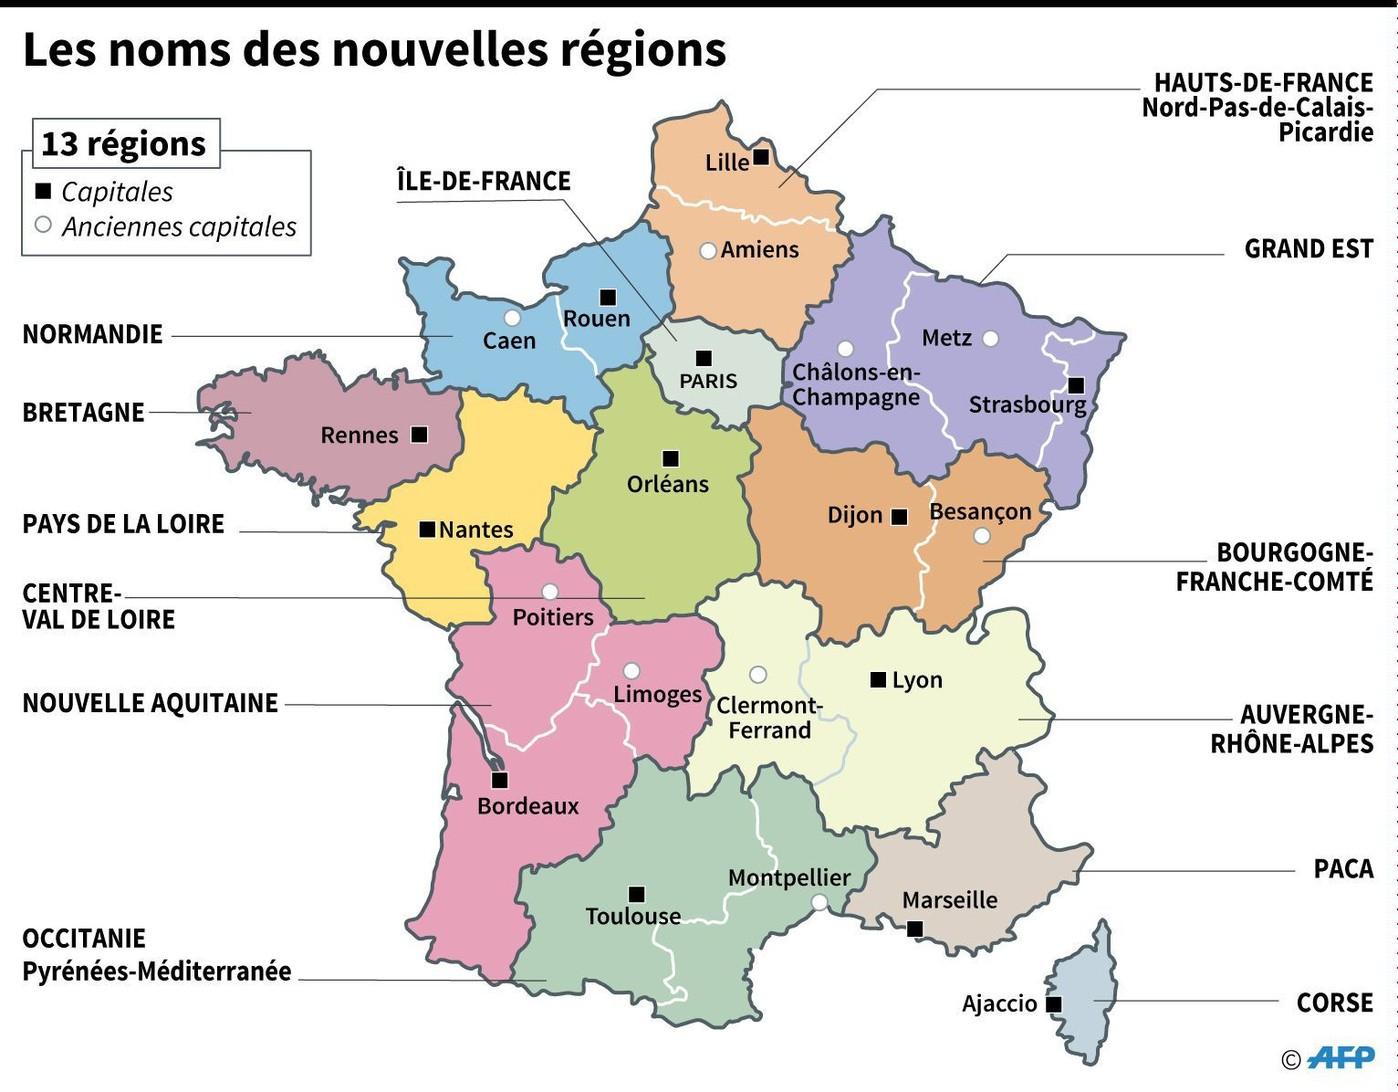 Ce Que Signifie Le Nom Des Nouvelles Régions dedans Les Nouvelles Regions